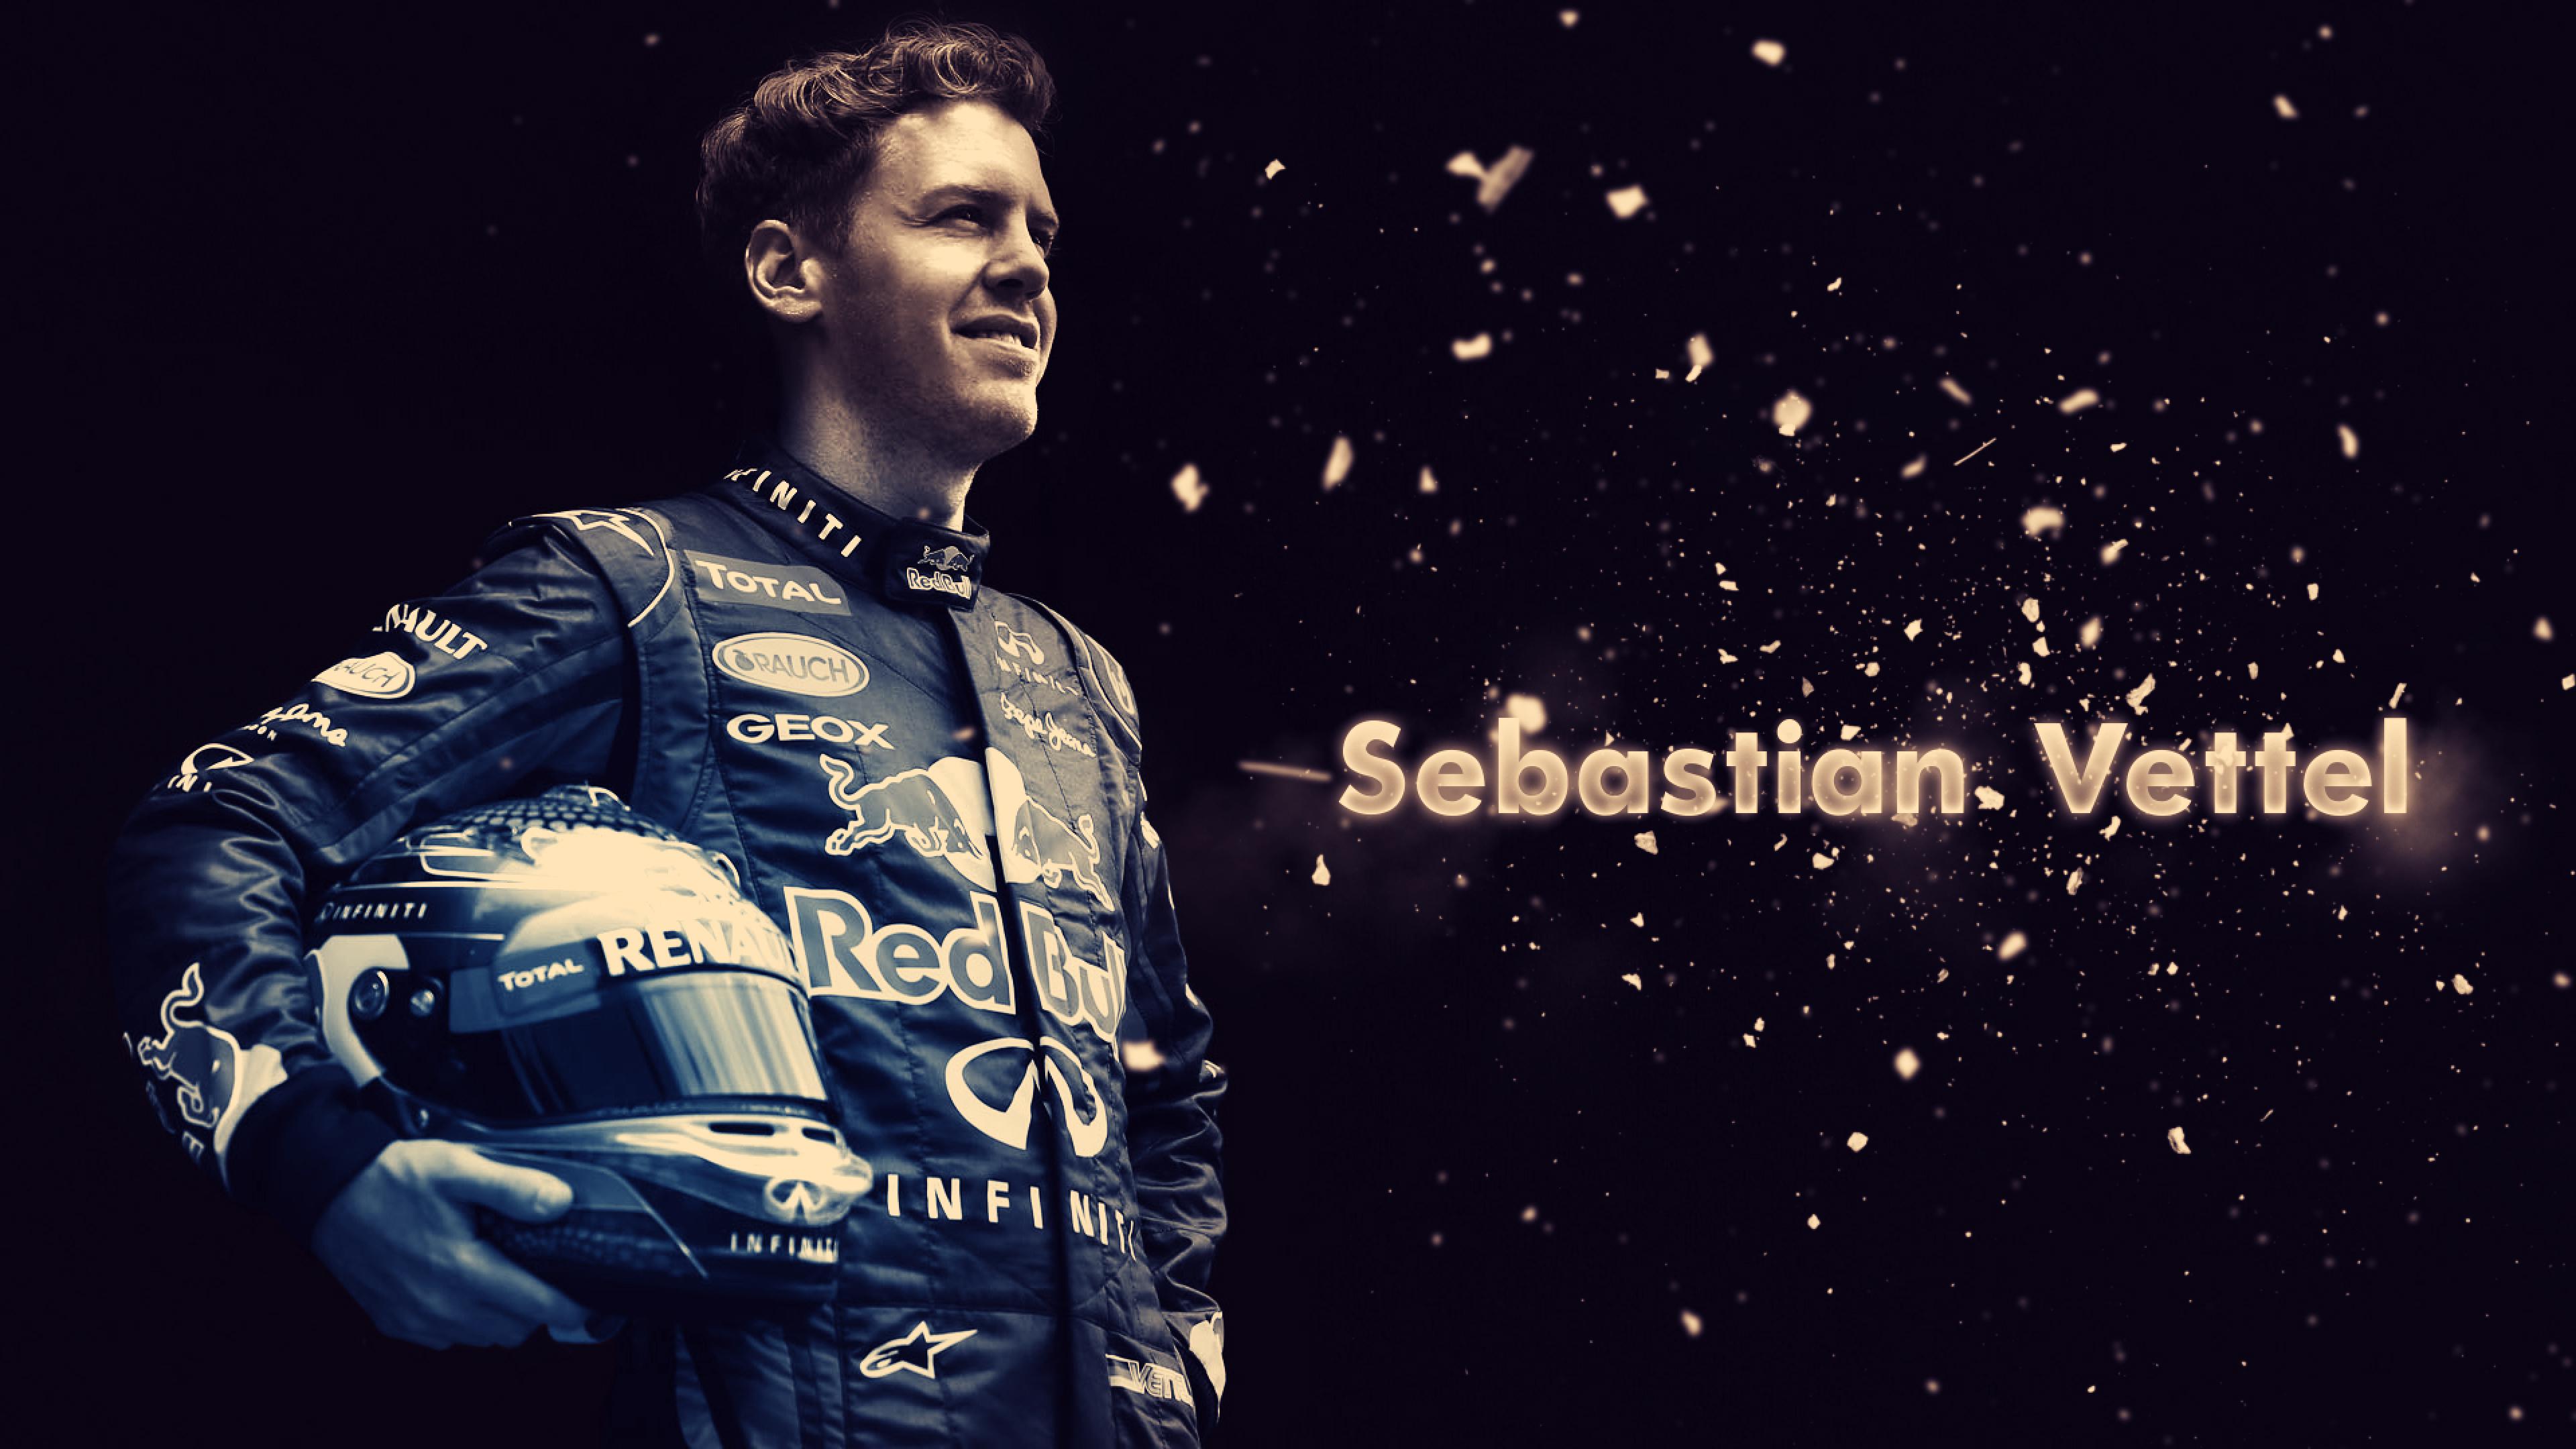 3840x2160 Sebastian Vettel Racer Red Bull 4k Wallpaper Hd